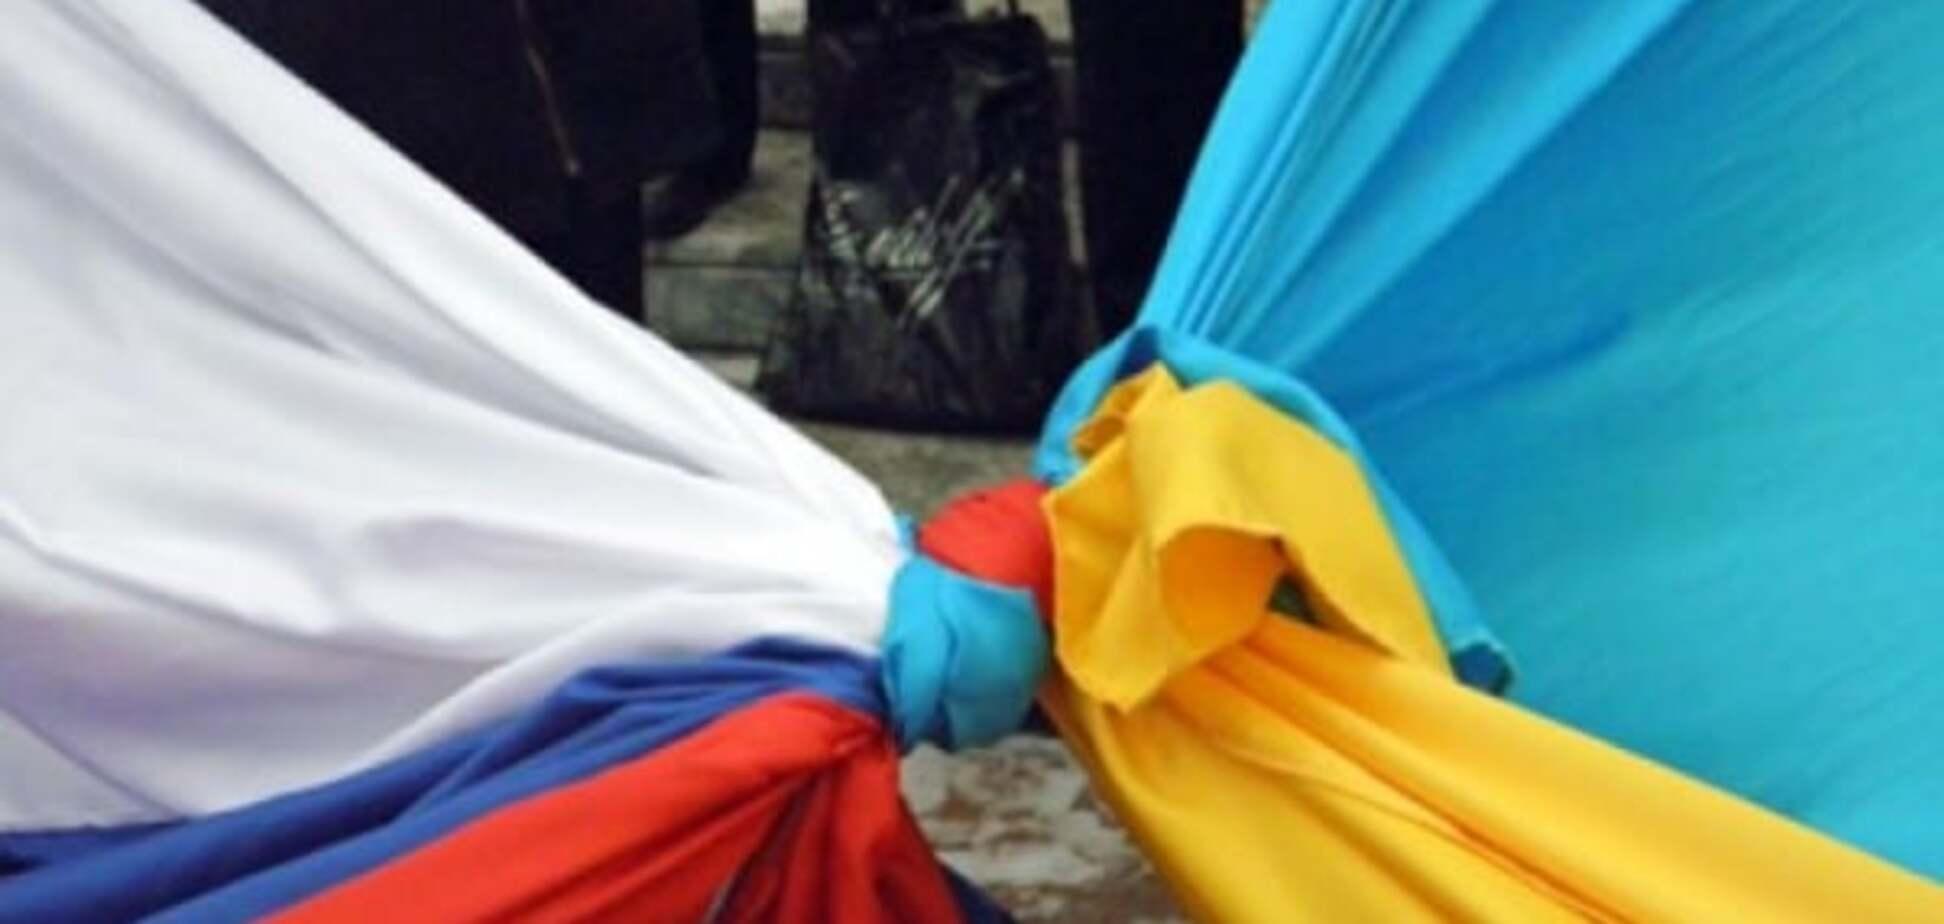 Не время: комитет Рады отказался разрывать дипотношения с Россией